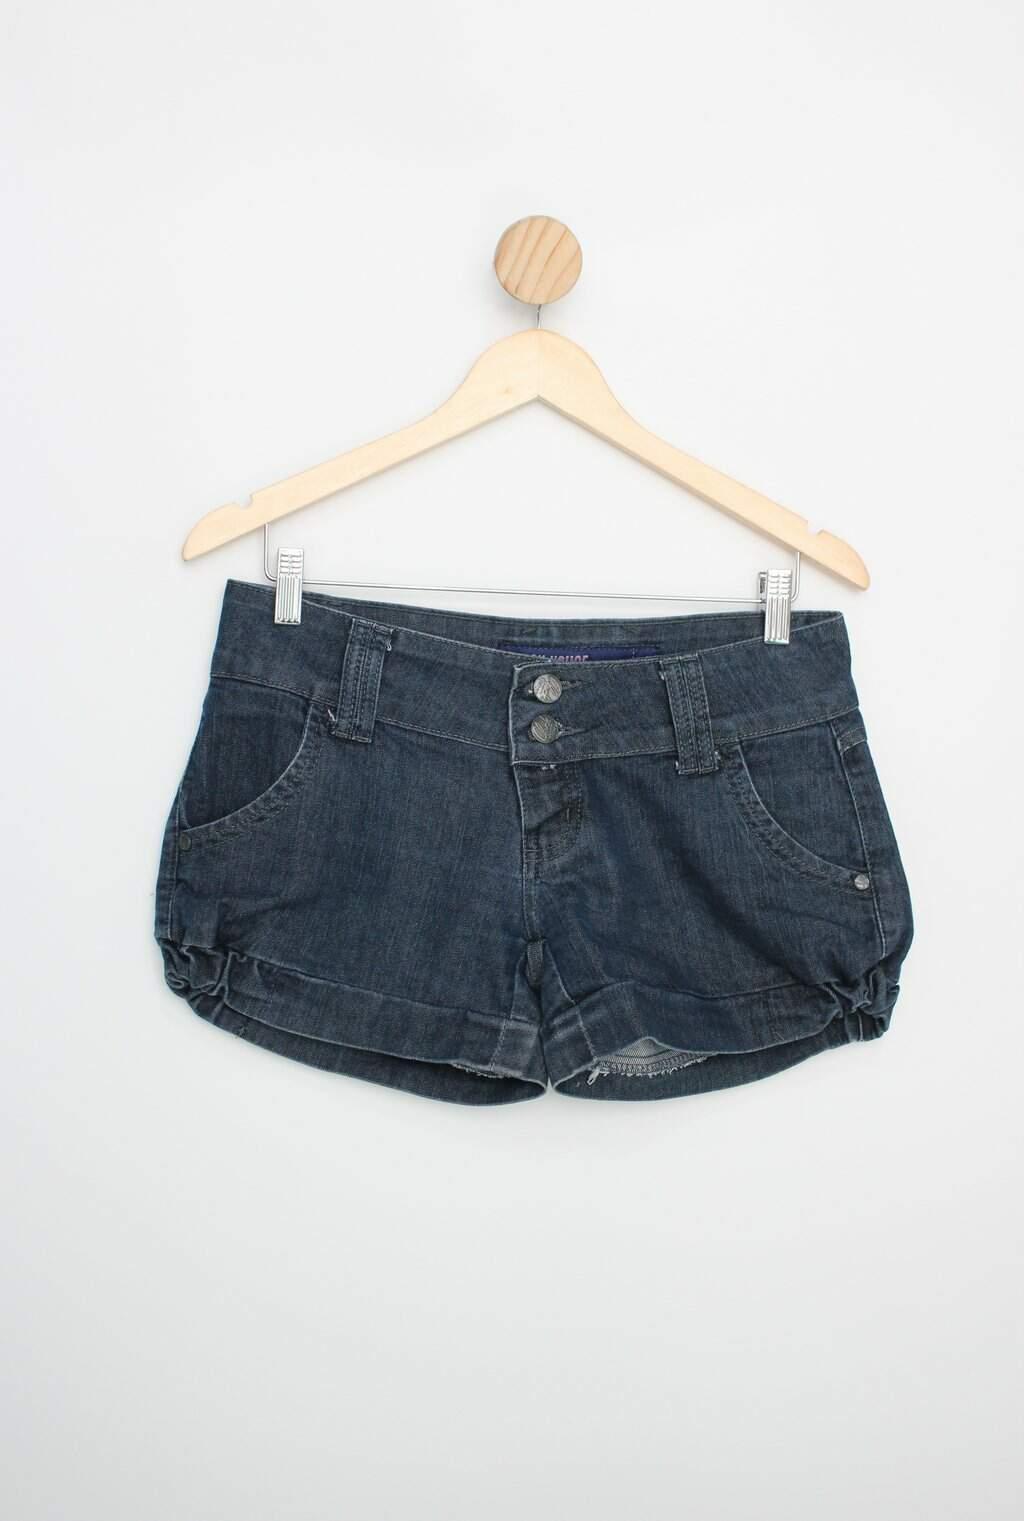 Shorts Jeans C&a Feminino Azul